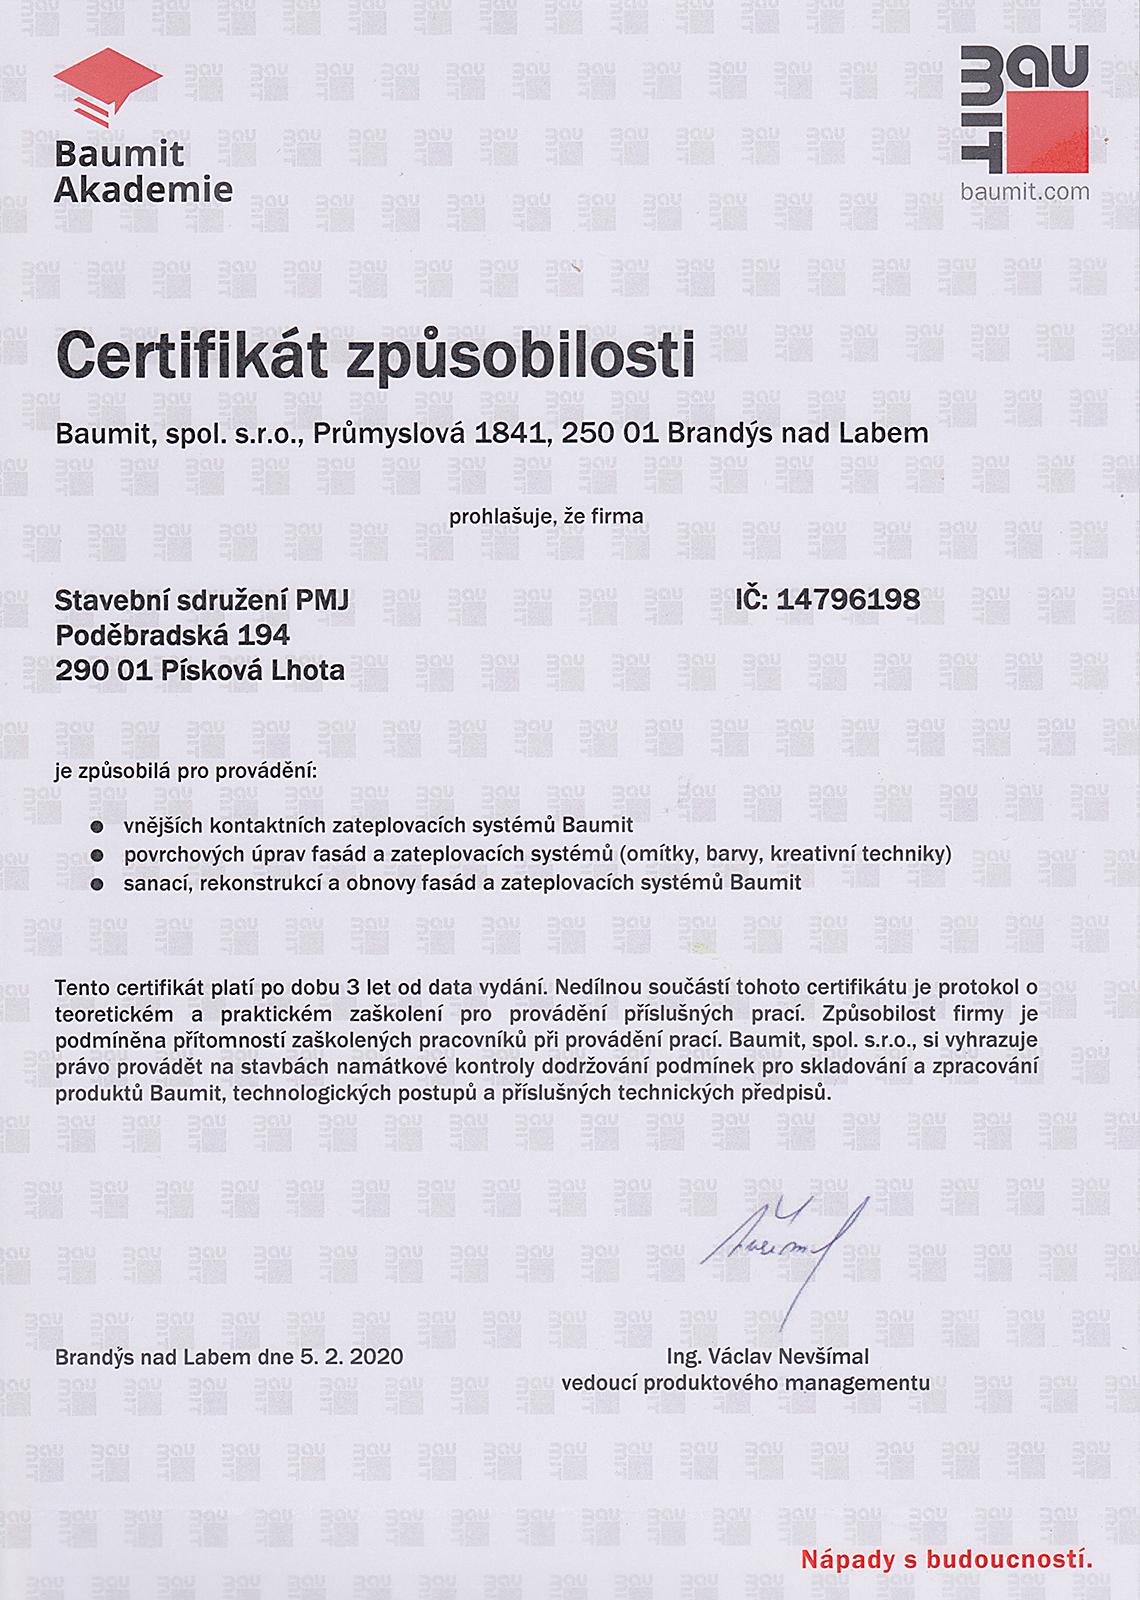 Certifikát způsobilosti Baumit - PMJ stavební sdružení - vnější omítky zateplovacích systémů; povrchových úprav fasád a zateplovacích systémů, sanací, rekontrukcí a obnovy fasád a zateplovacích systémů Baumit